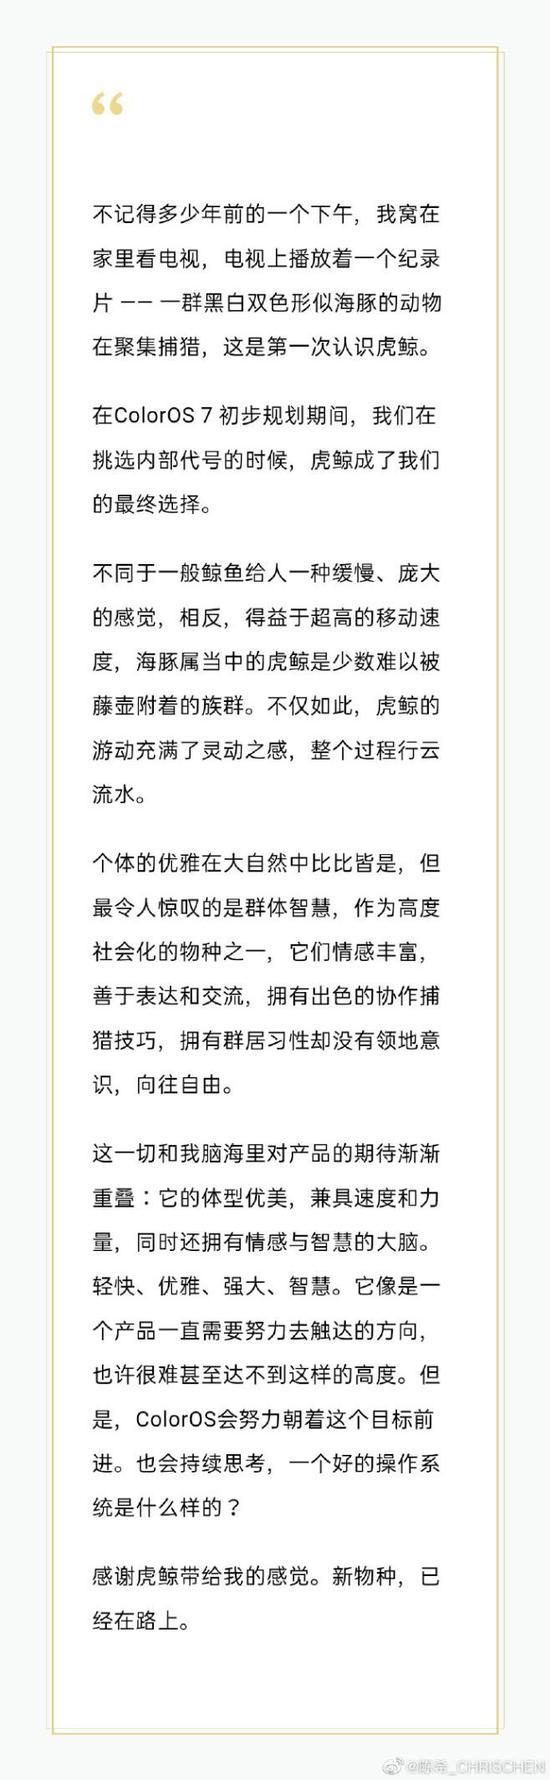 环亚平台开户网址登录-内蒙古西乌旗市场监管局班子成员开展调研工作